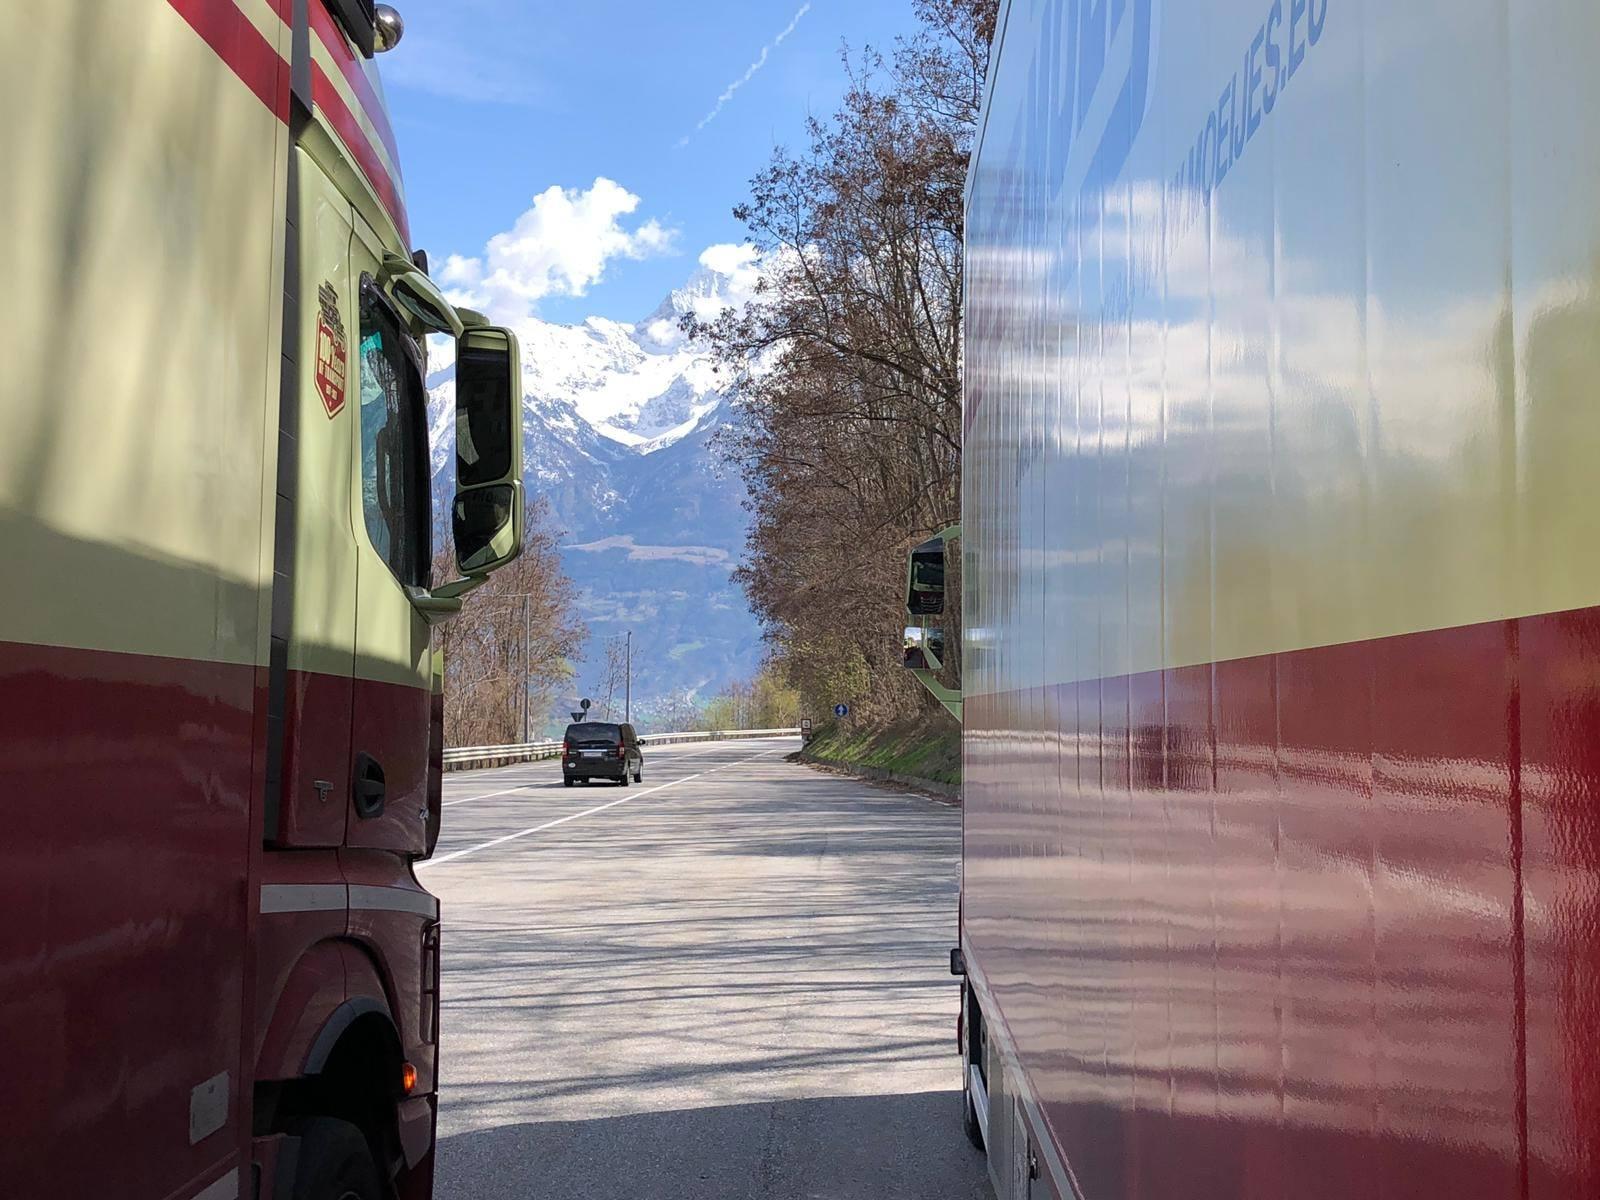 Zwitserland-12-4-2019--5